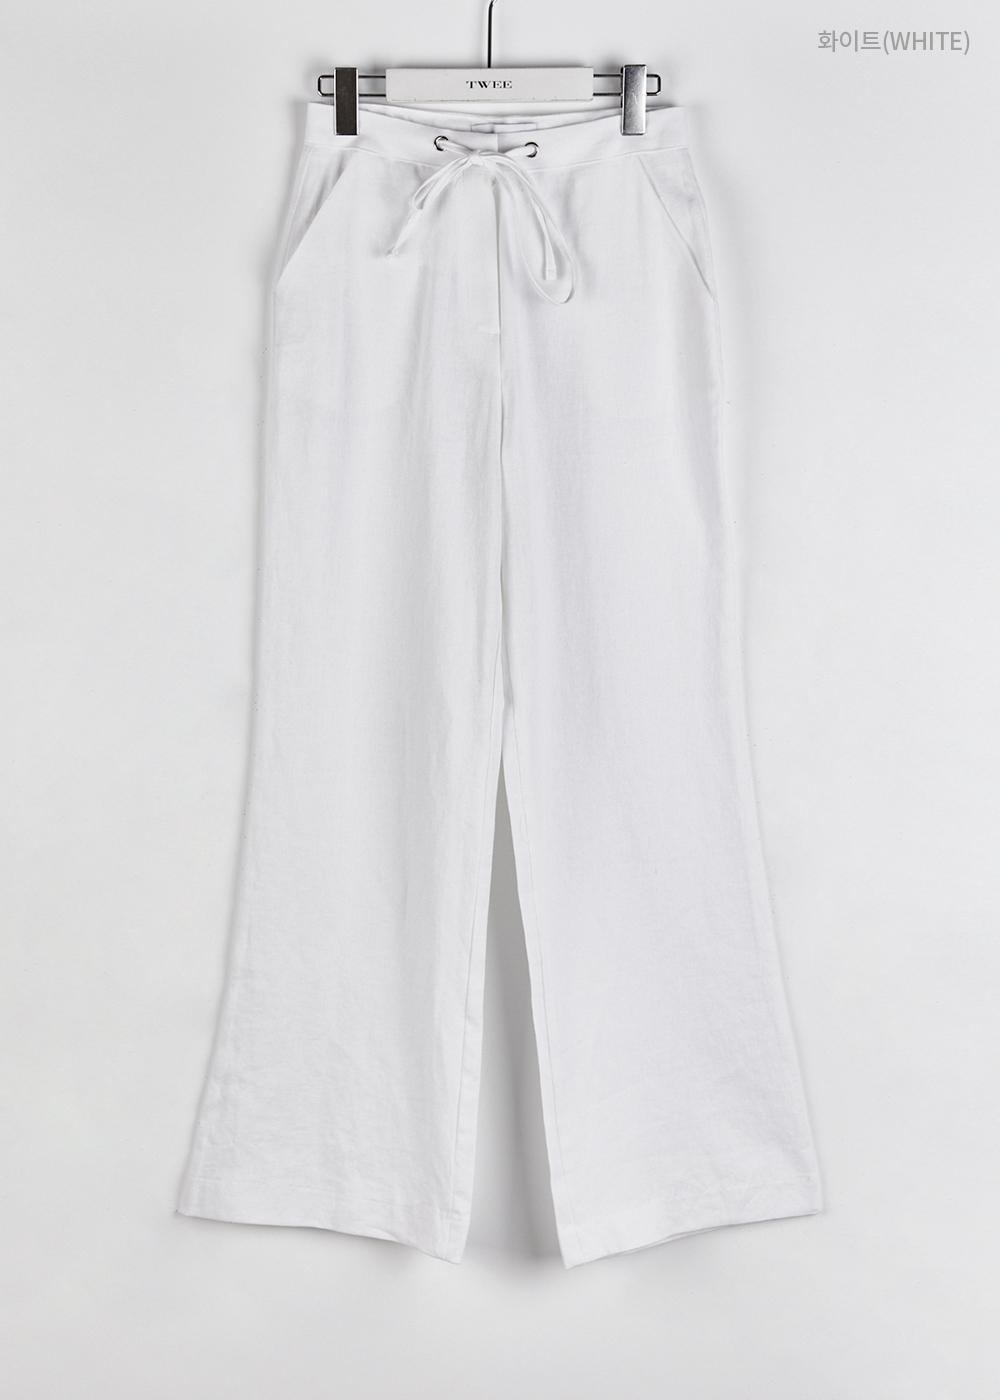 Linen string slacks